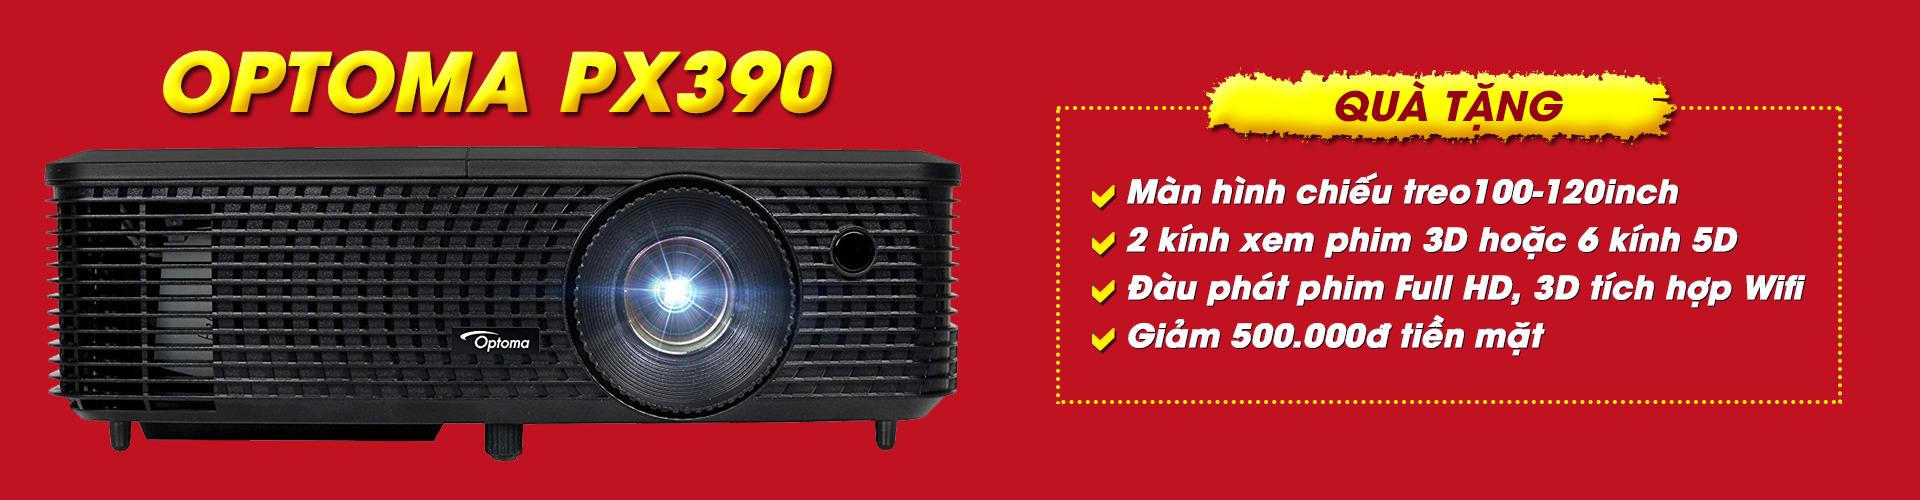 Khuyến mãi máy chiếu Optoma PX390 giải bóng đá Asiad 2018